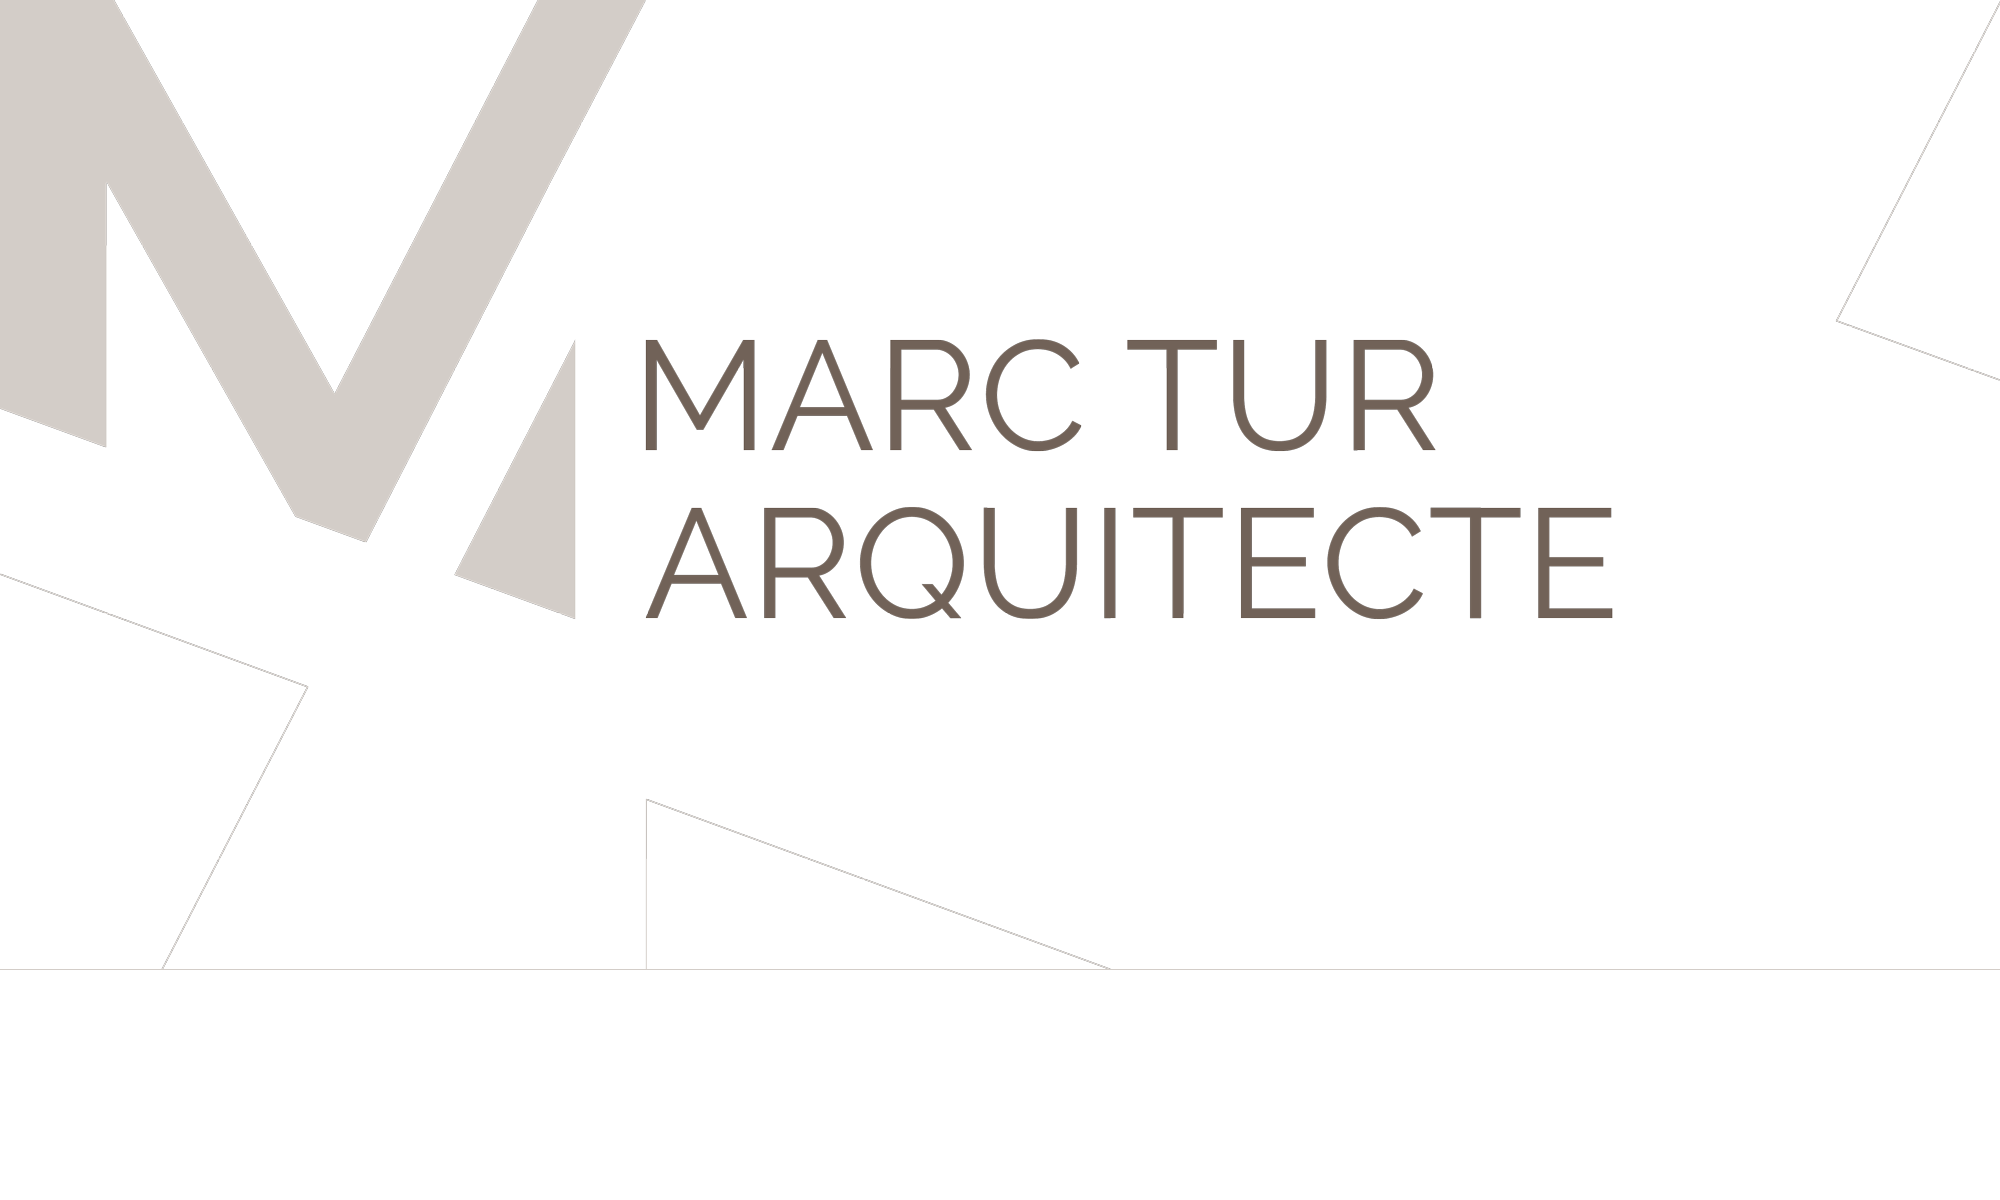 Marc Tur Arquitecte